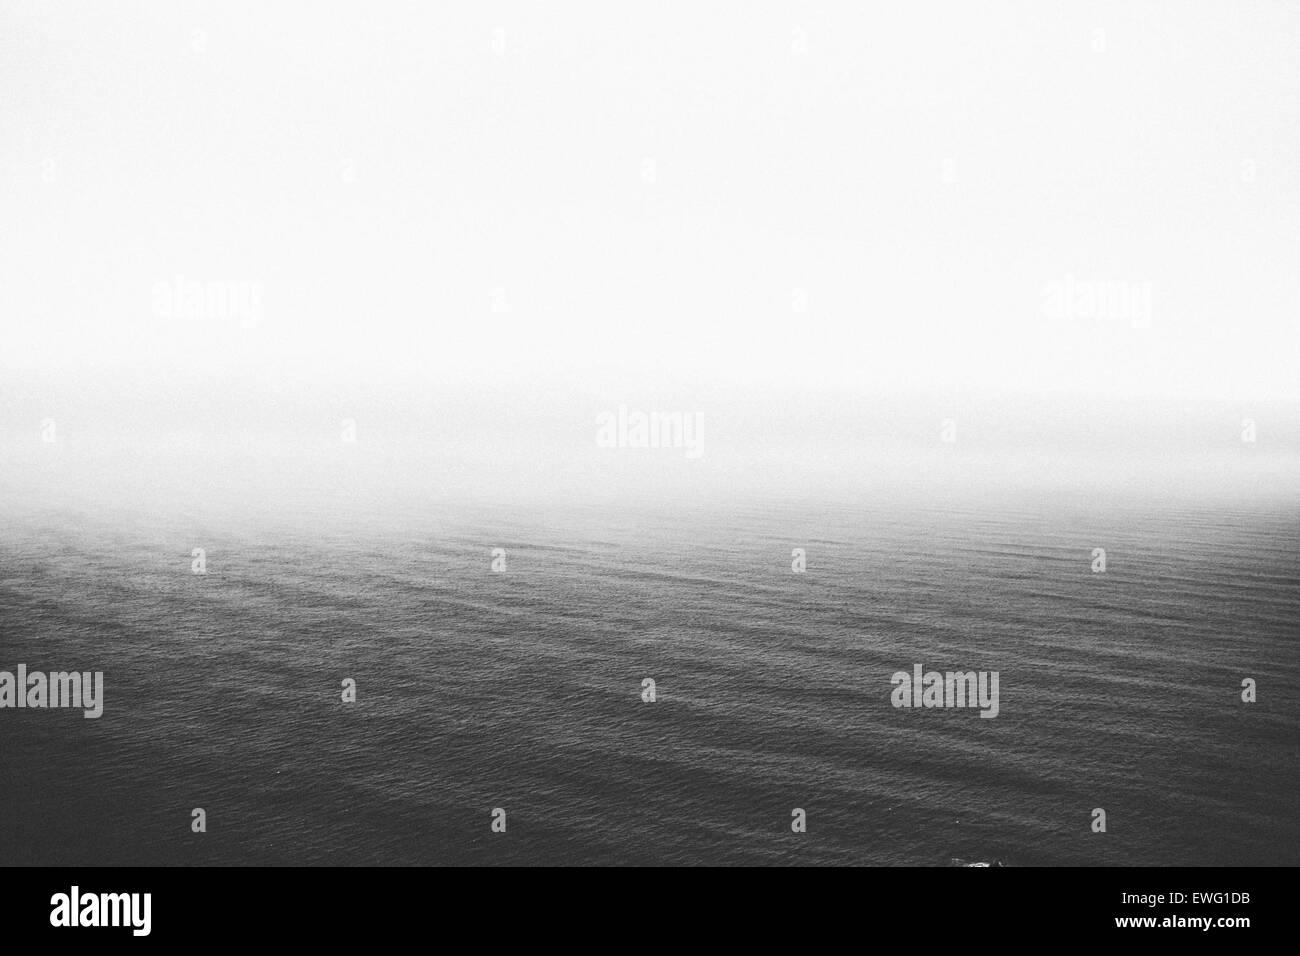 Ouvrir l'eau de l'océan l'eau minimaliste monochrome noir et blanc, les vagues de l'océan blanc Banque D'Images